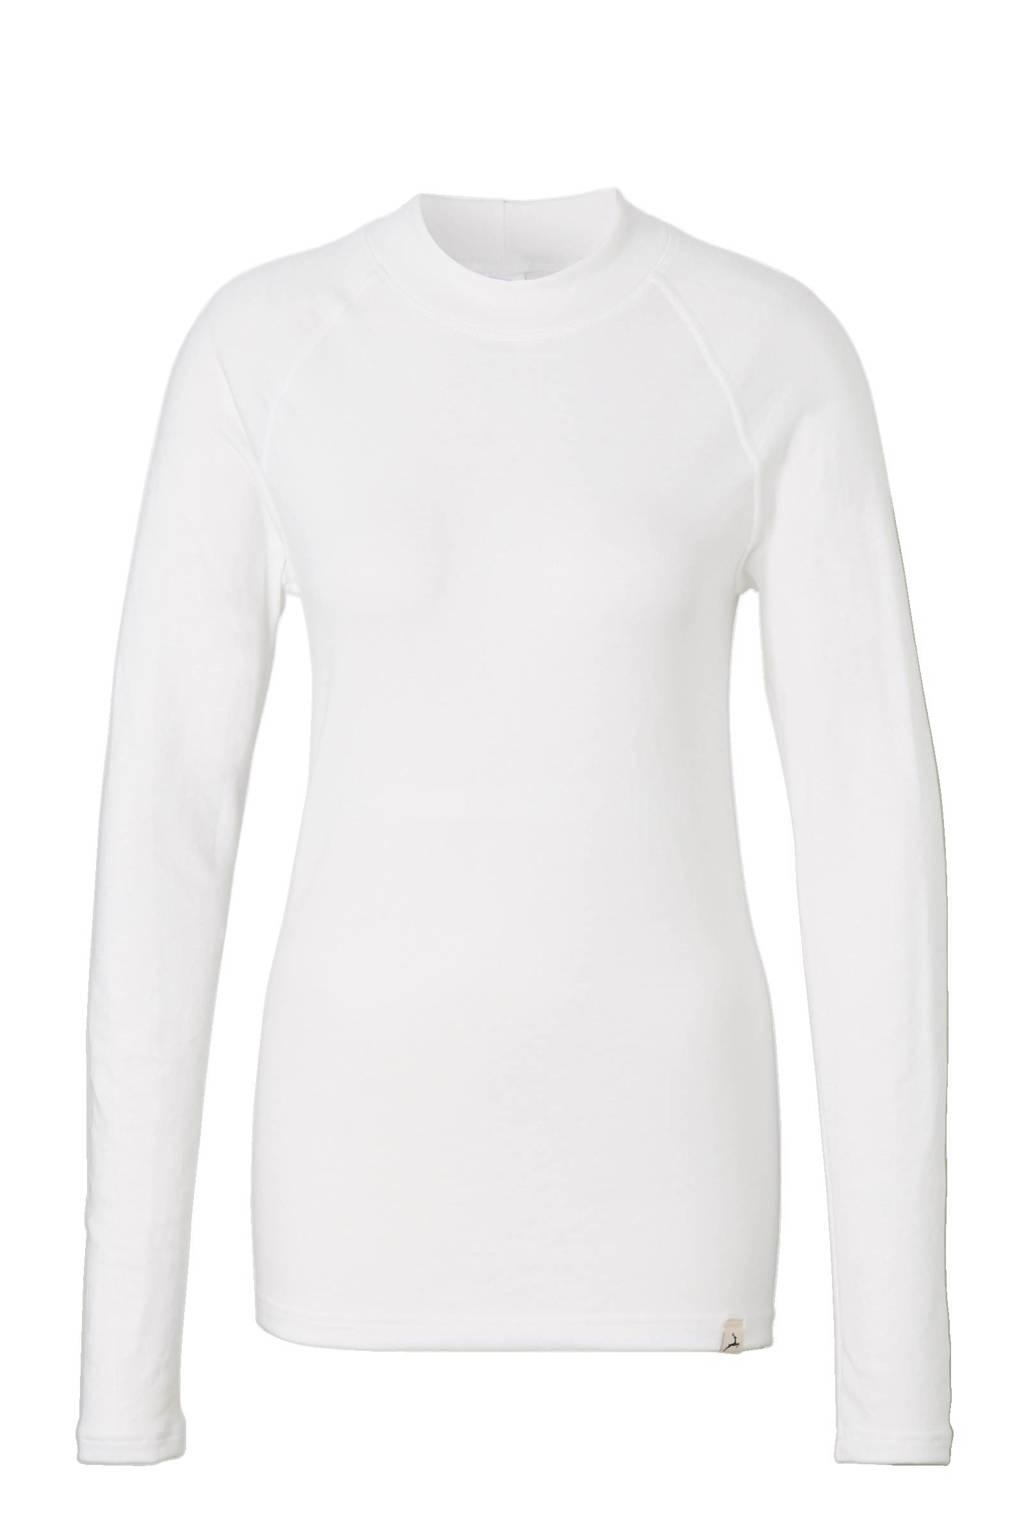 ten Cate thermo shirt, Ecru